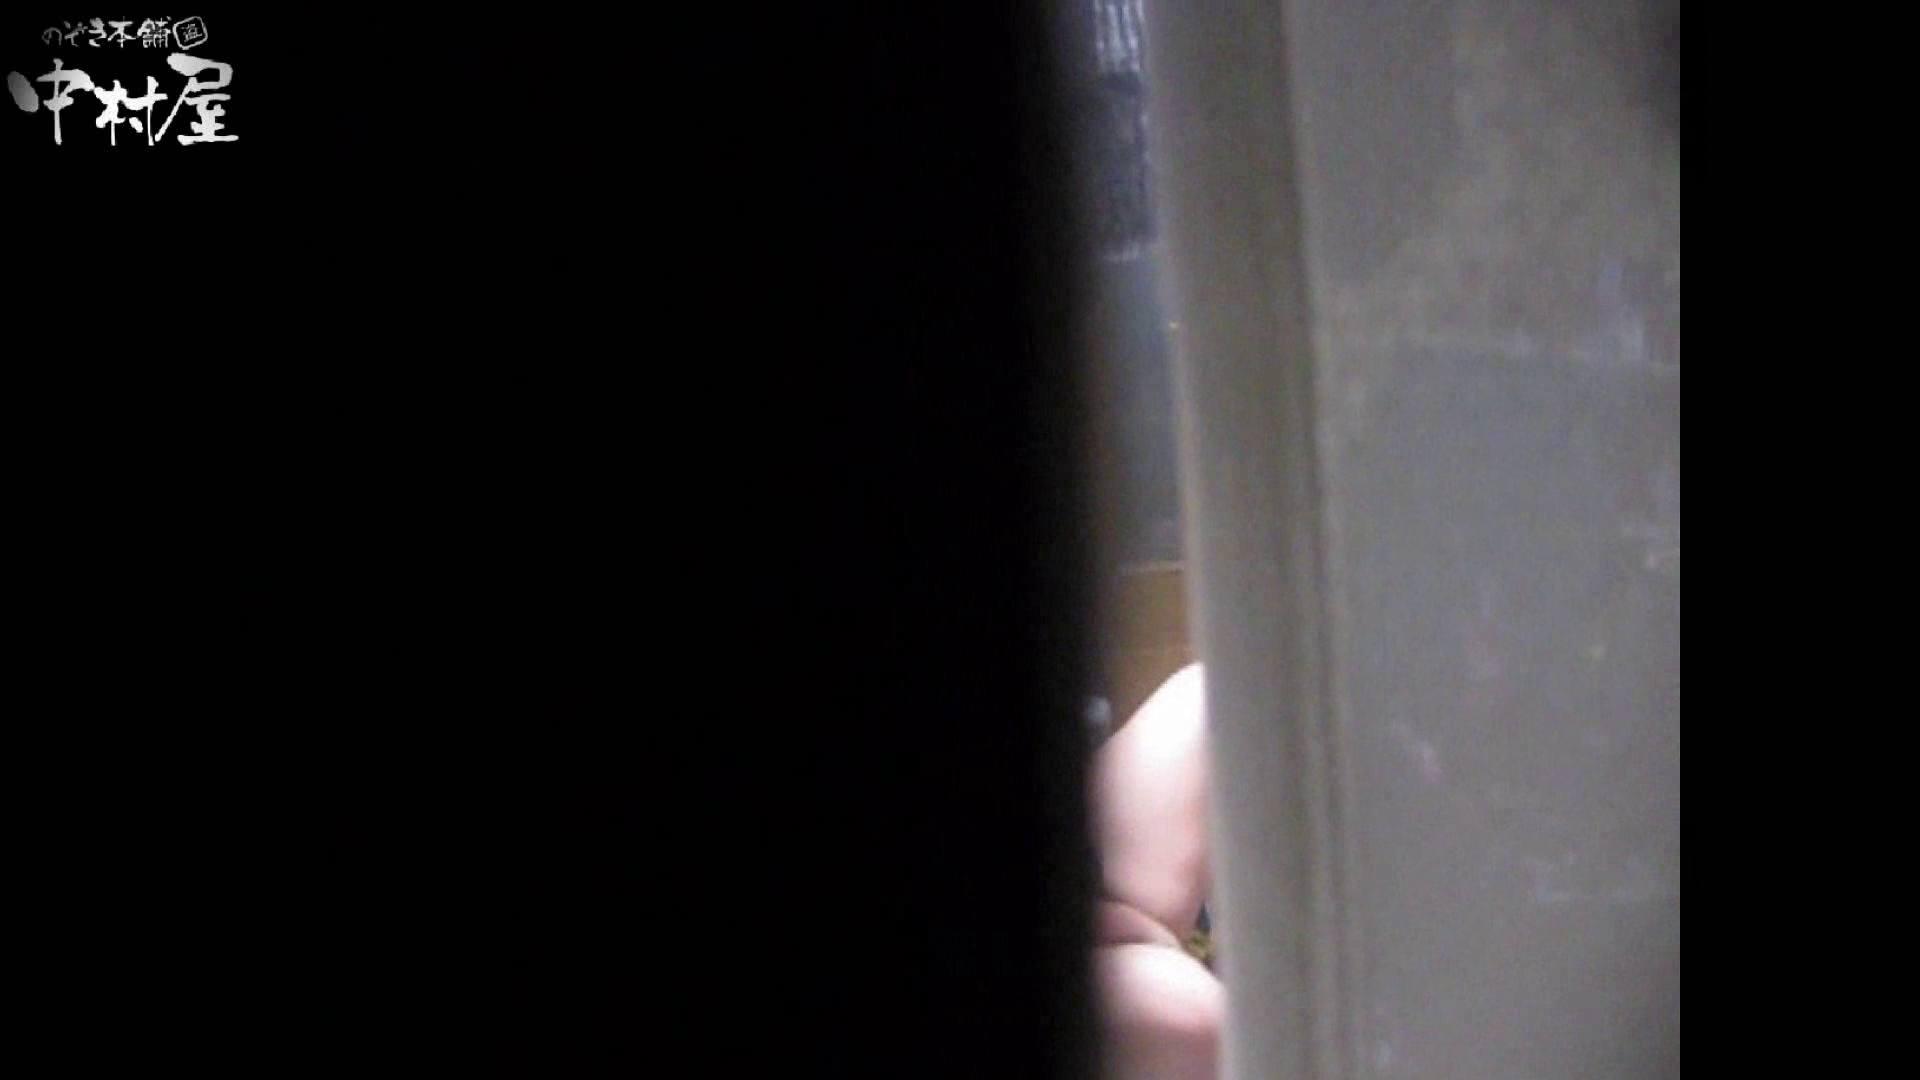 民家風呂専門盗撮師の超危険映像 vol.021 美女まとめ オメコ無修正動画無料 85PIX 67